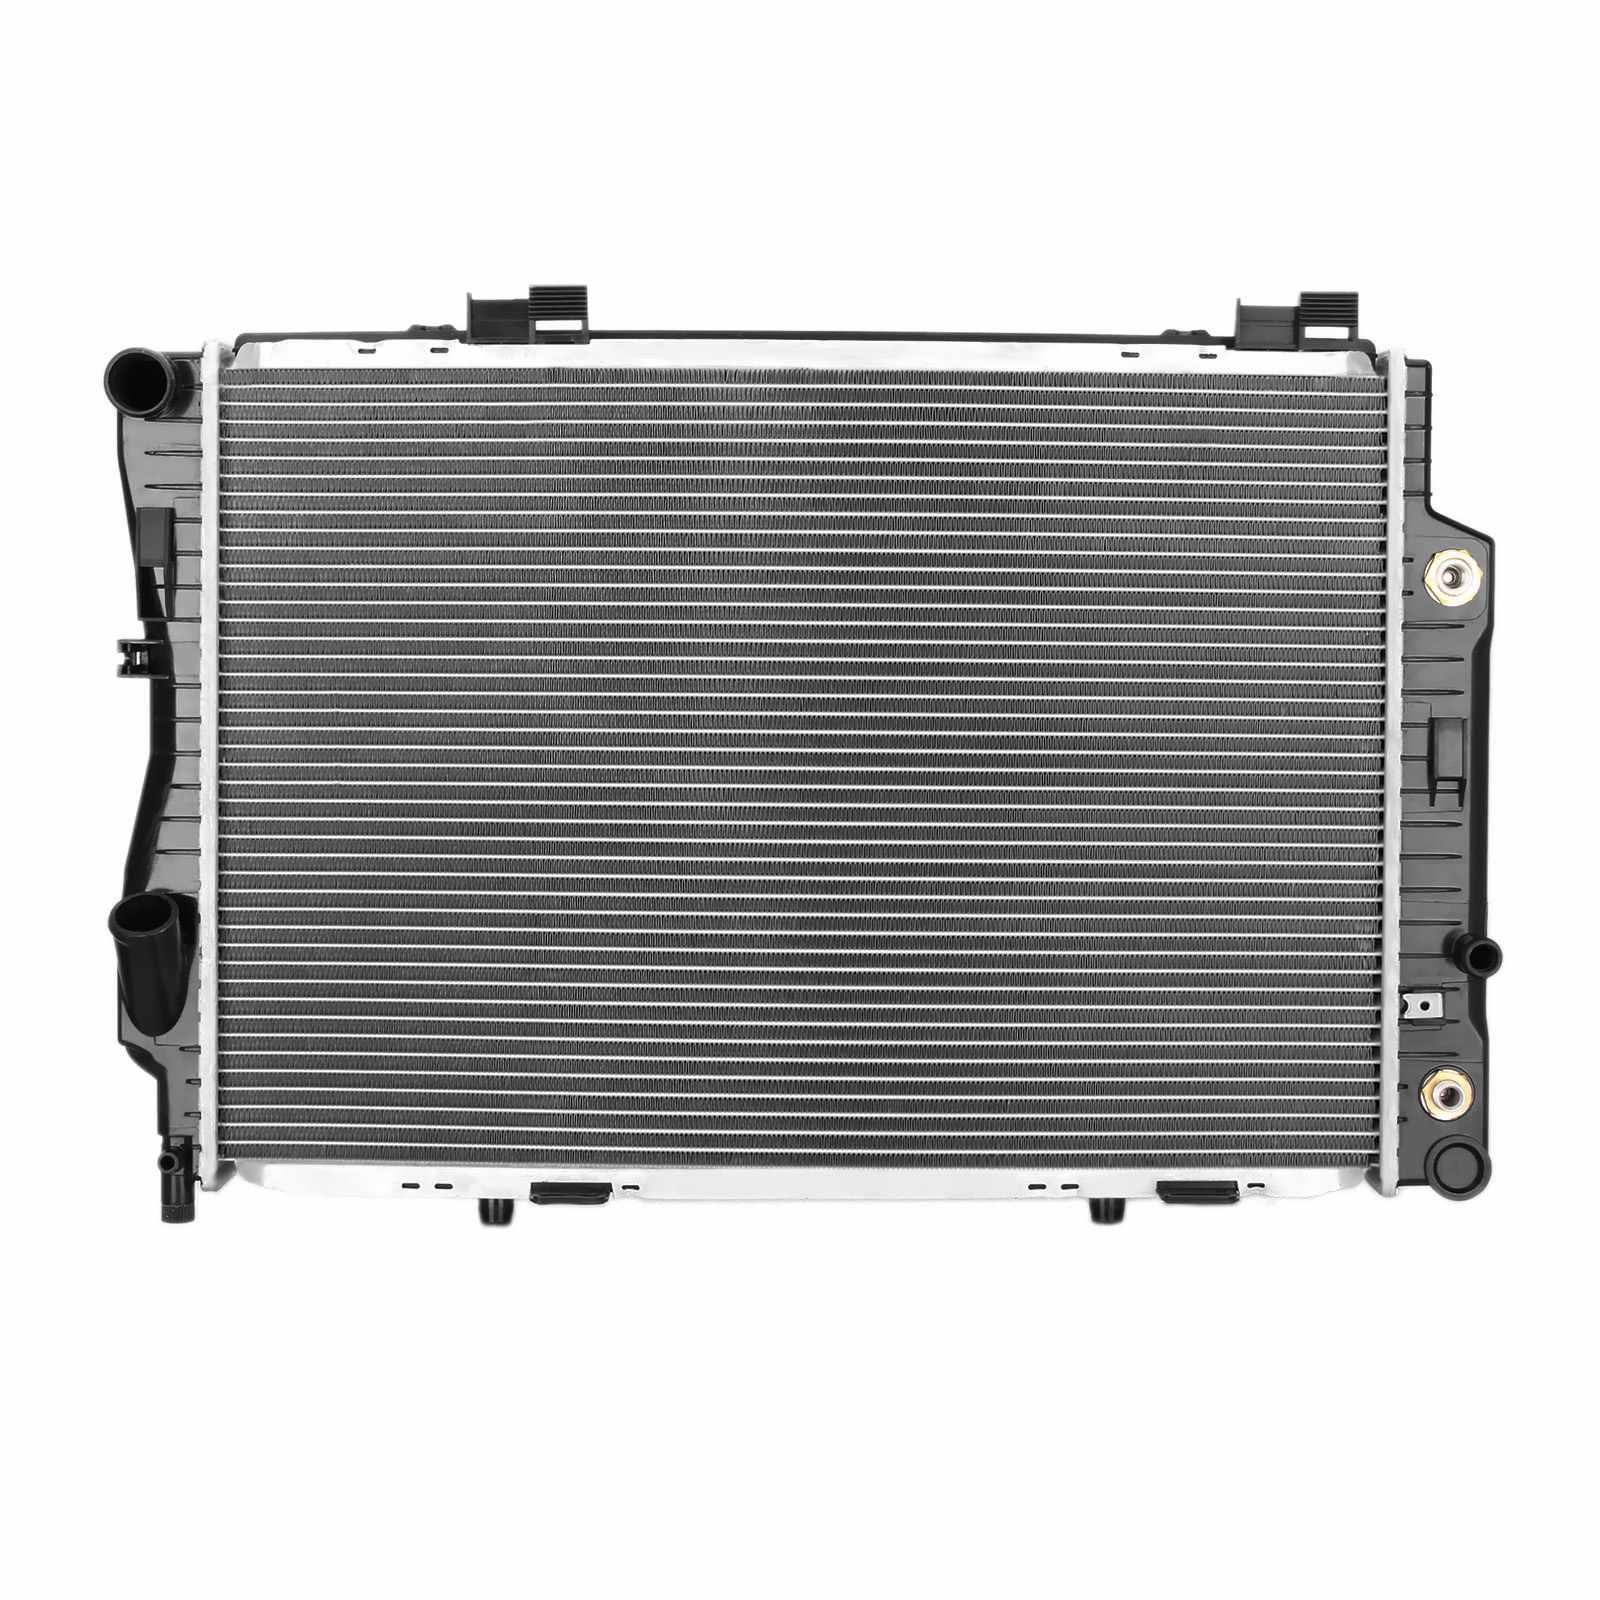 New Radiator For Mercedes-Benz C36 AMG C280 94-97 Plastic Aluminium 2025004103